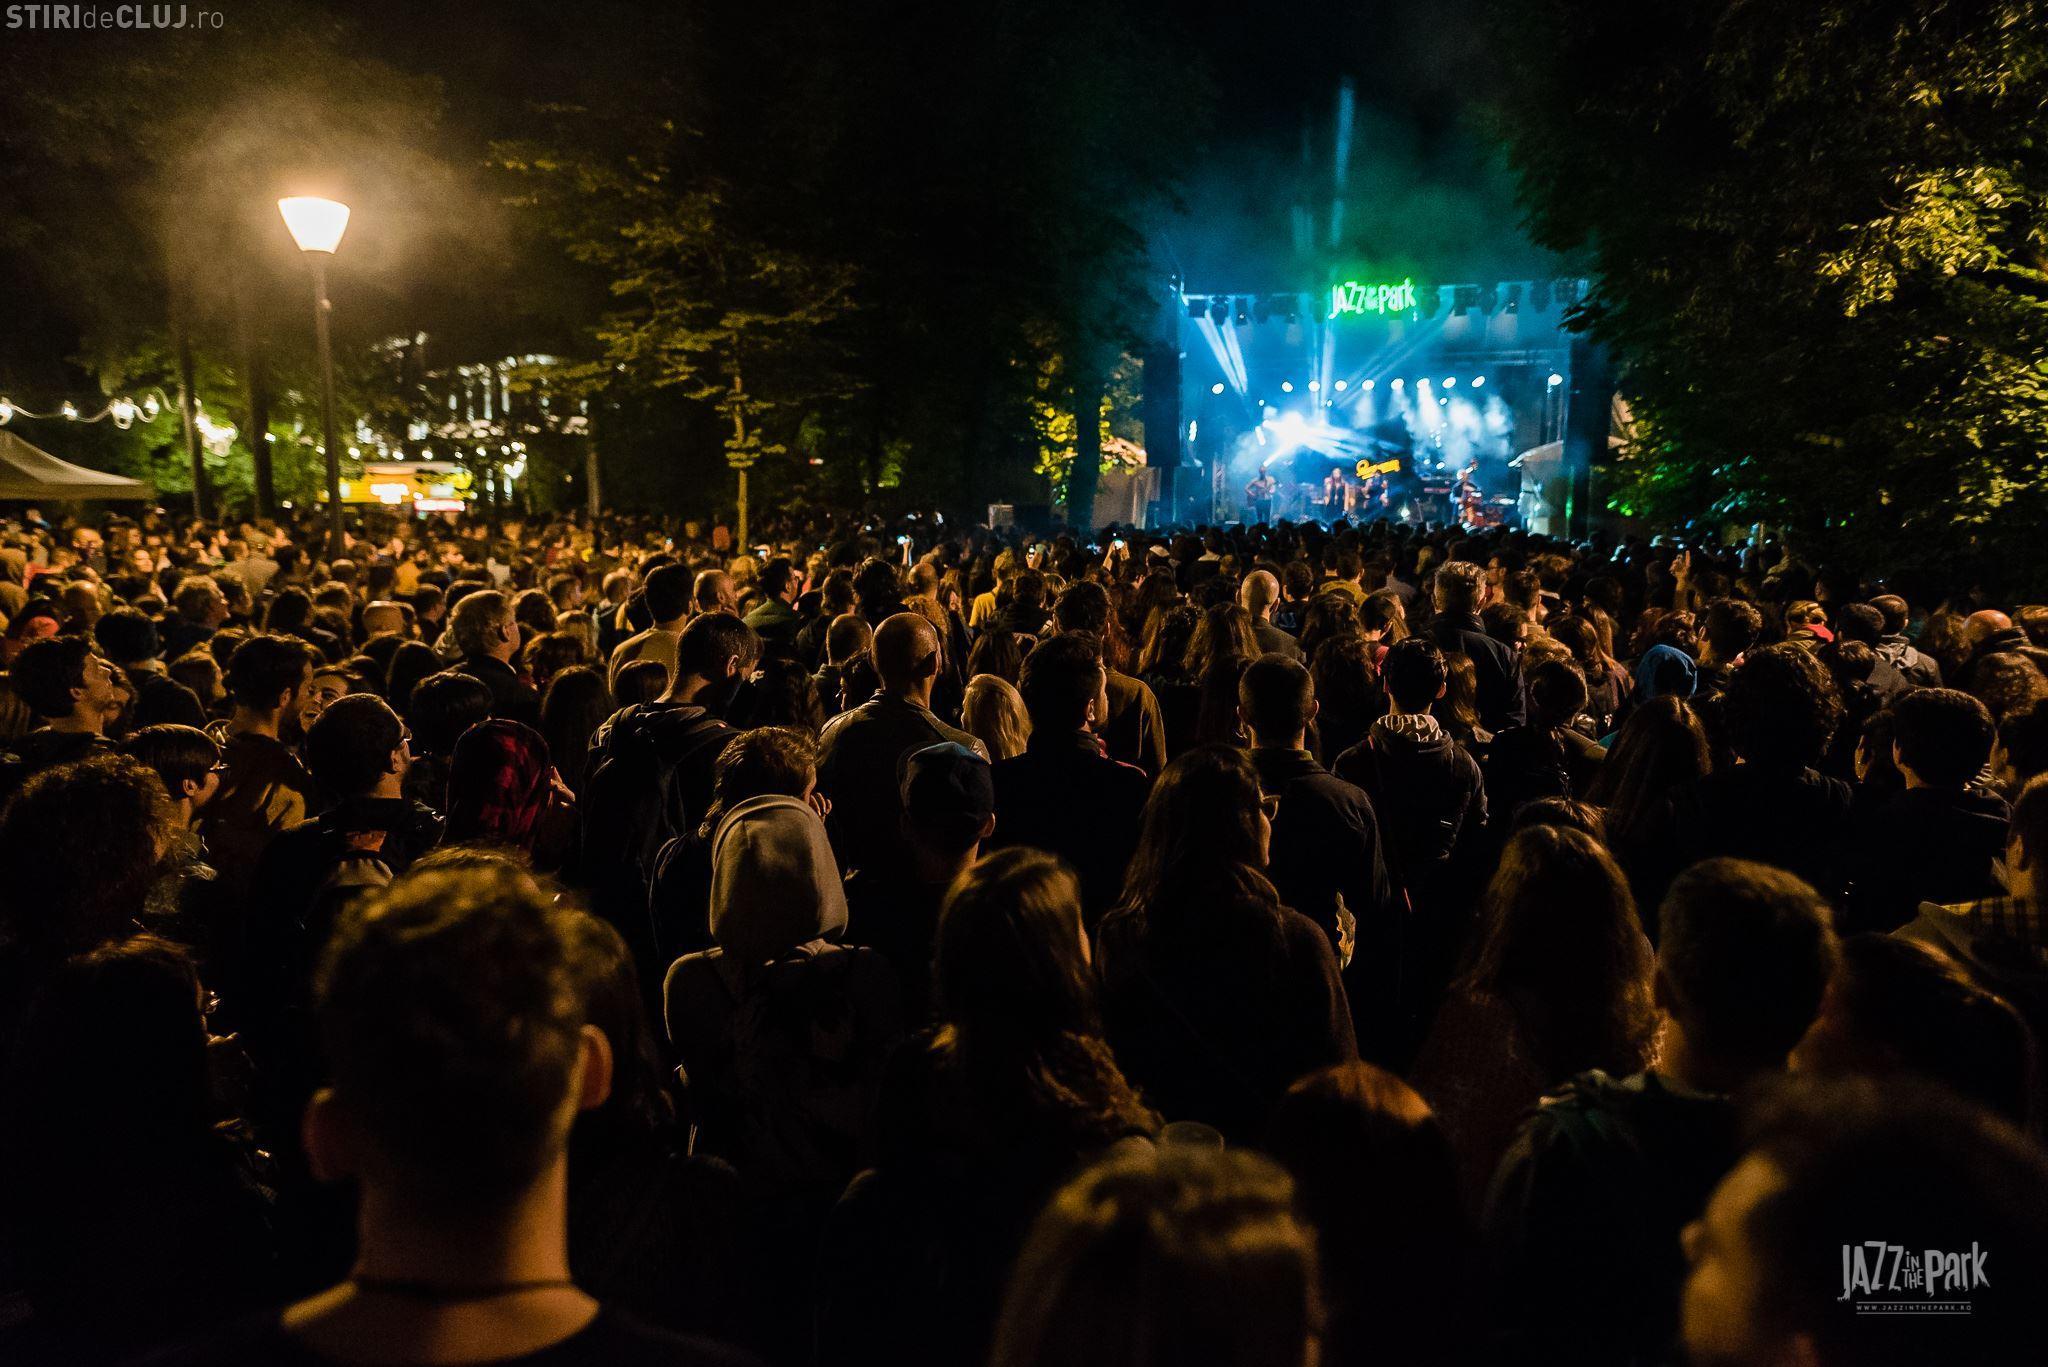 Recorduri de prezență la Jazz in the Park 2018: Peste 70.000 de persoane au participat la festival, deși a plouat timp de 9 zile